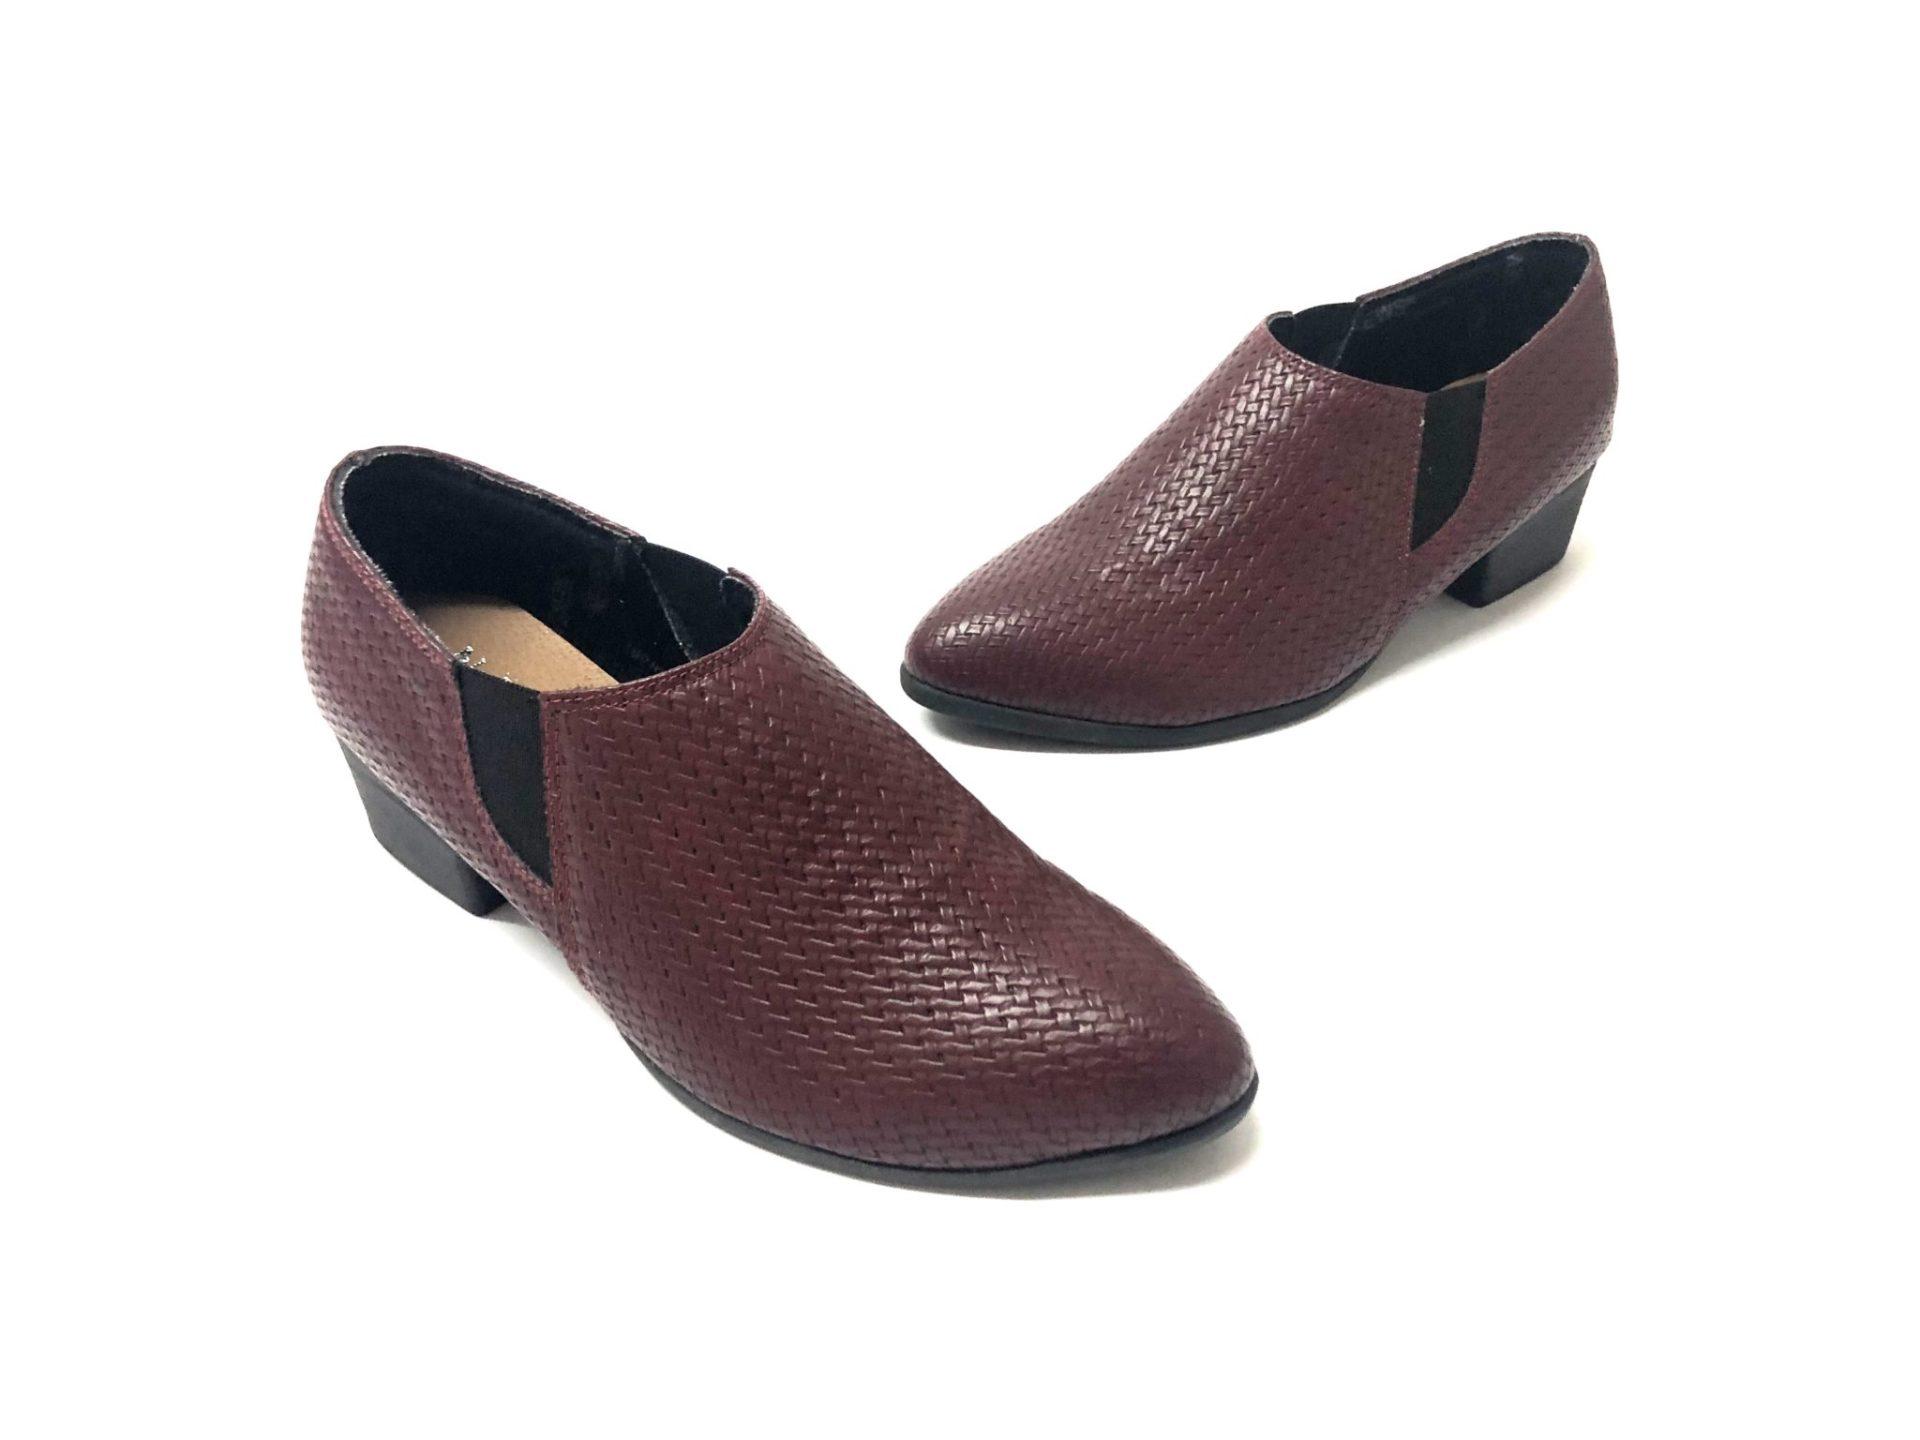 דגם 06050 : נעל שיקית בצבע קרוקו בורדו